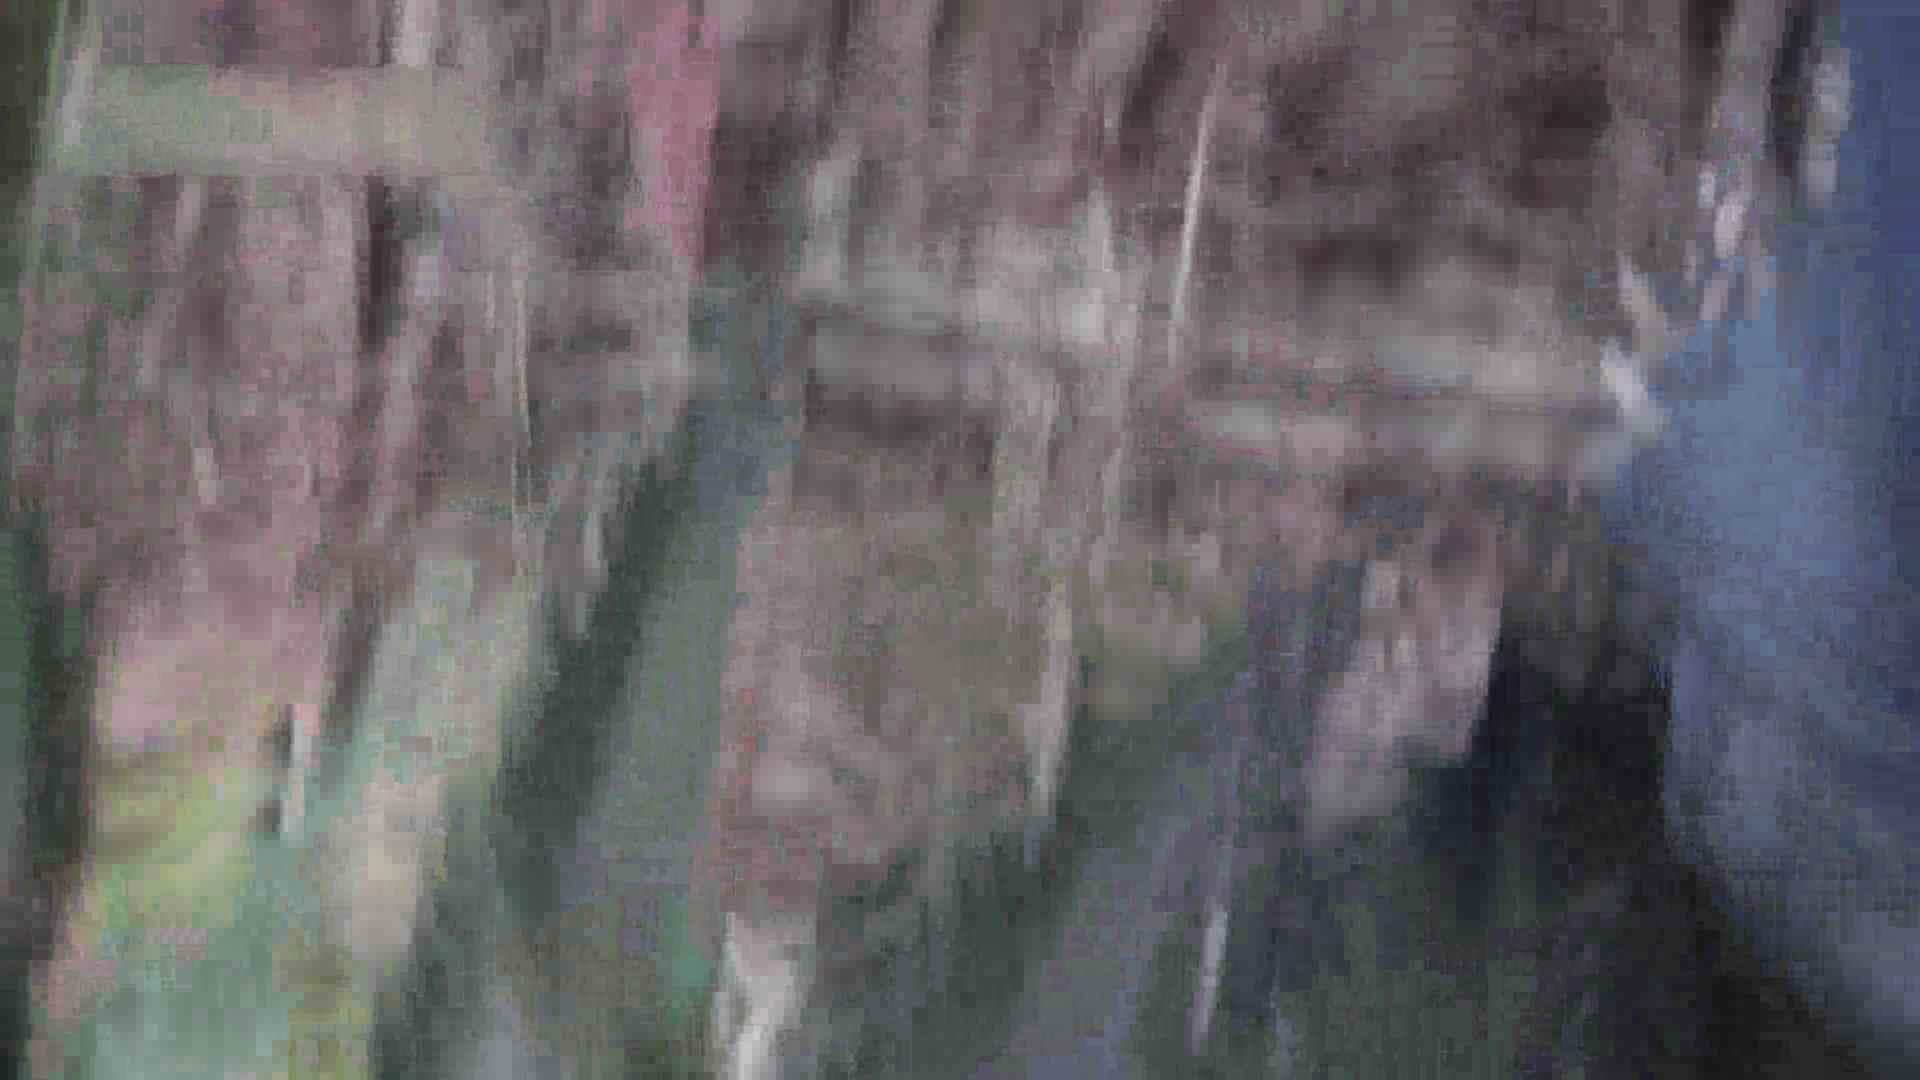 森林浴とオナニー 露出 | フェチ色々  76pic 18